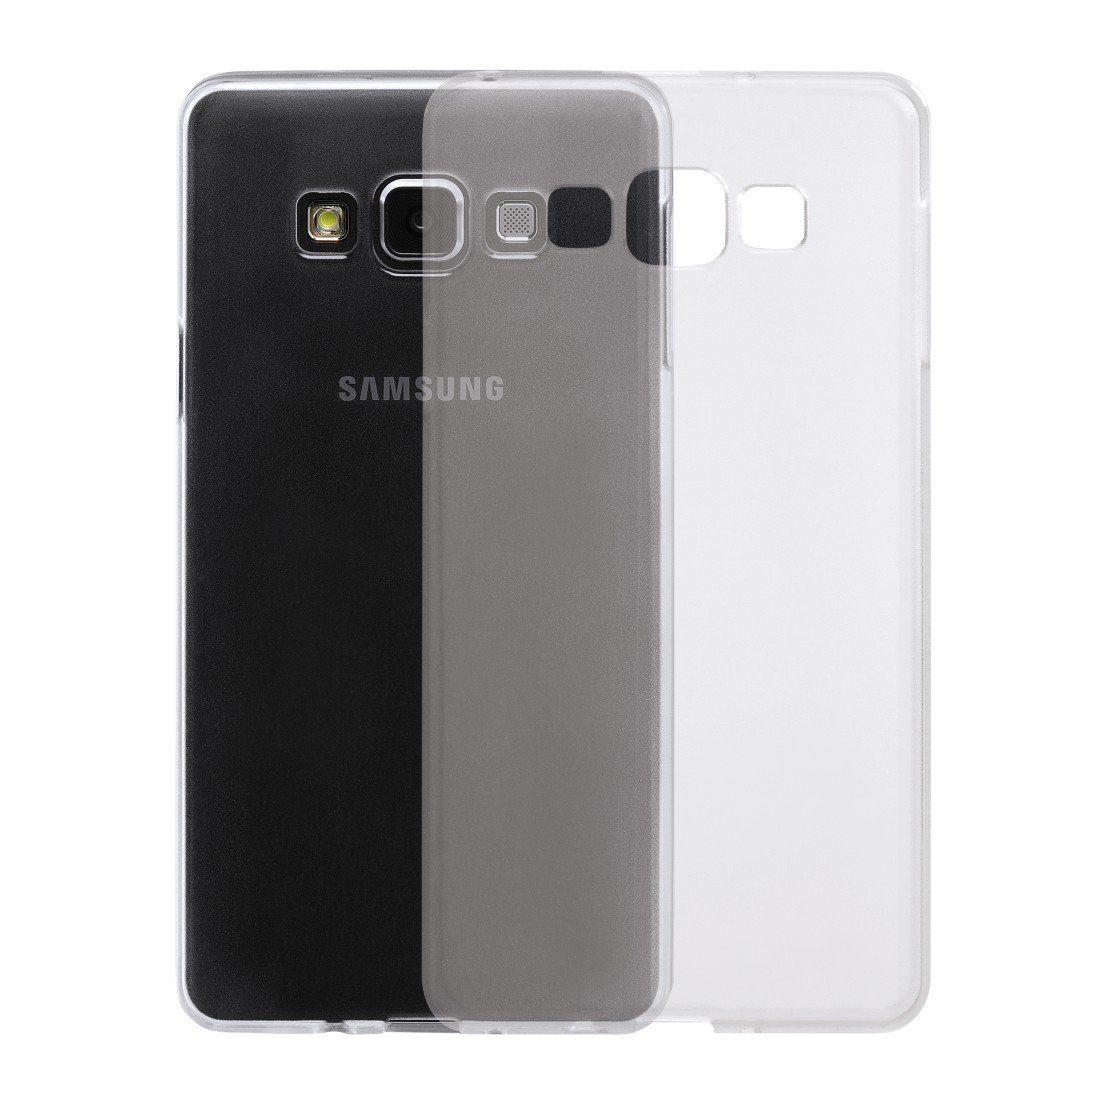 Flashstar Case Hülle für Samsung Galaxy A7, transparent